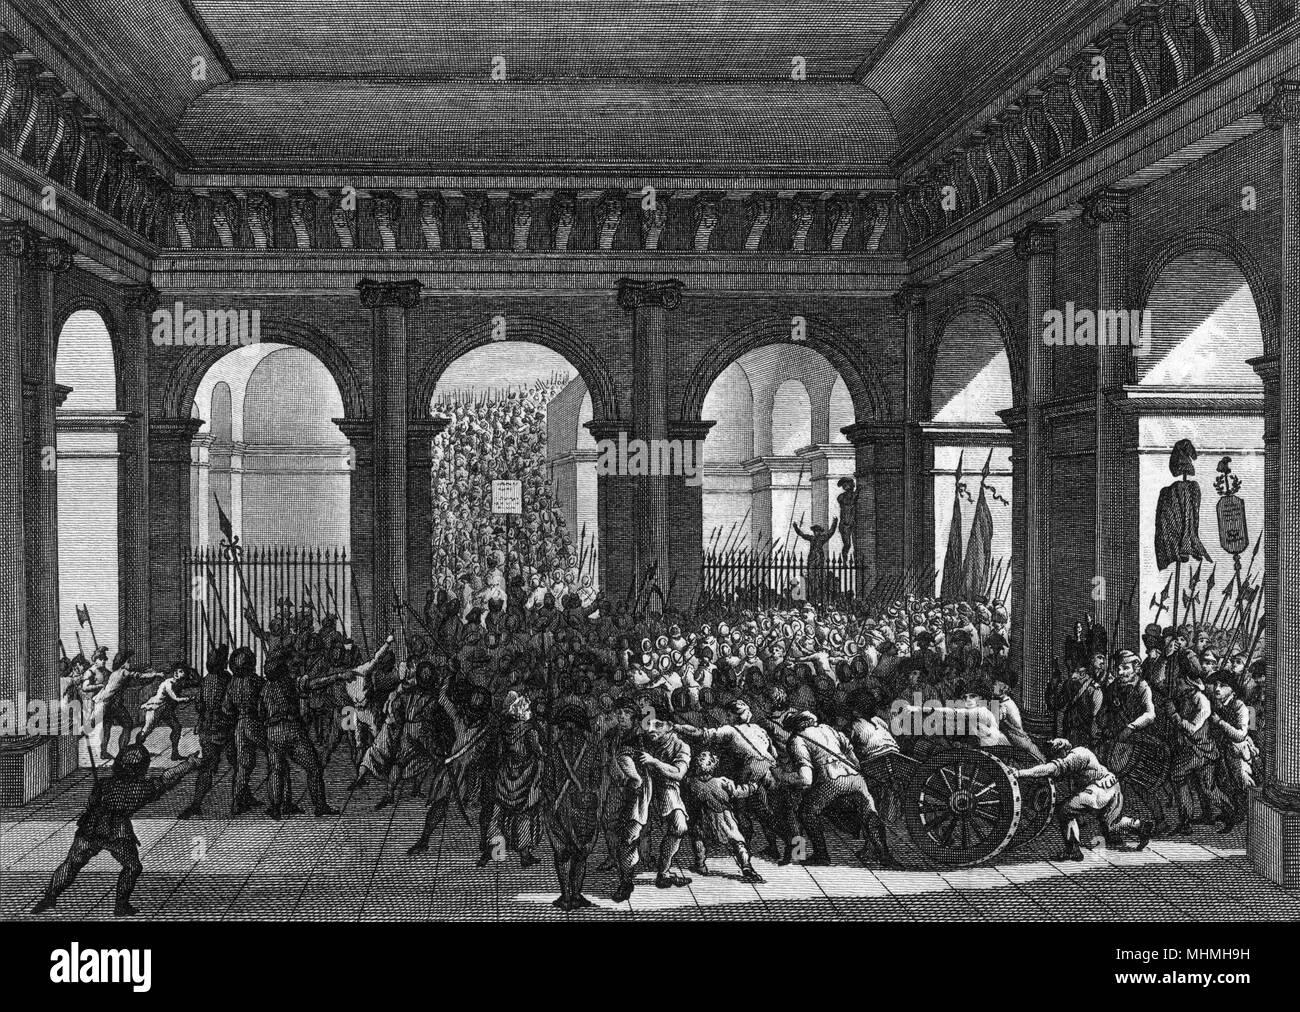 Eine Masse von 6000 verärgerten Bürgern in den Tuileries Palace, der König und zu verlangen, dass er sein Veto gegen die vorgeschlagenen Reformen Datum: 20. Juni 1792 widerrufen konfrontieren Stockbild